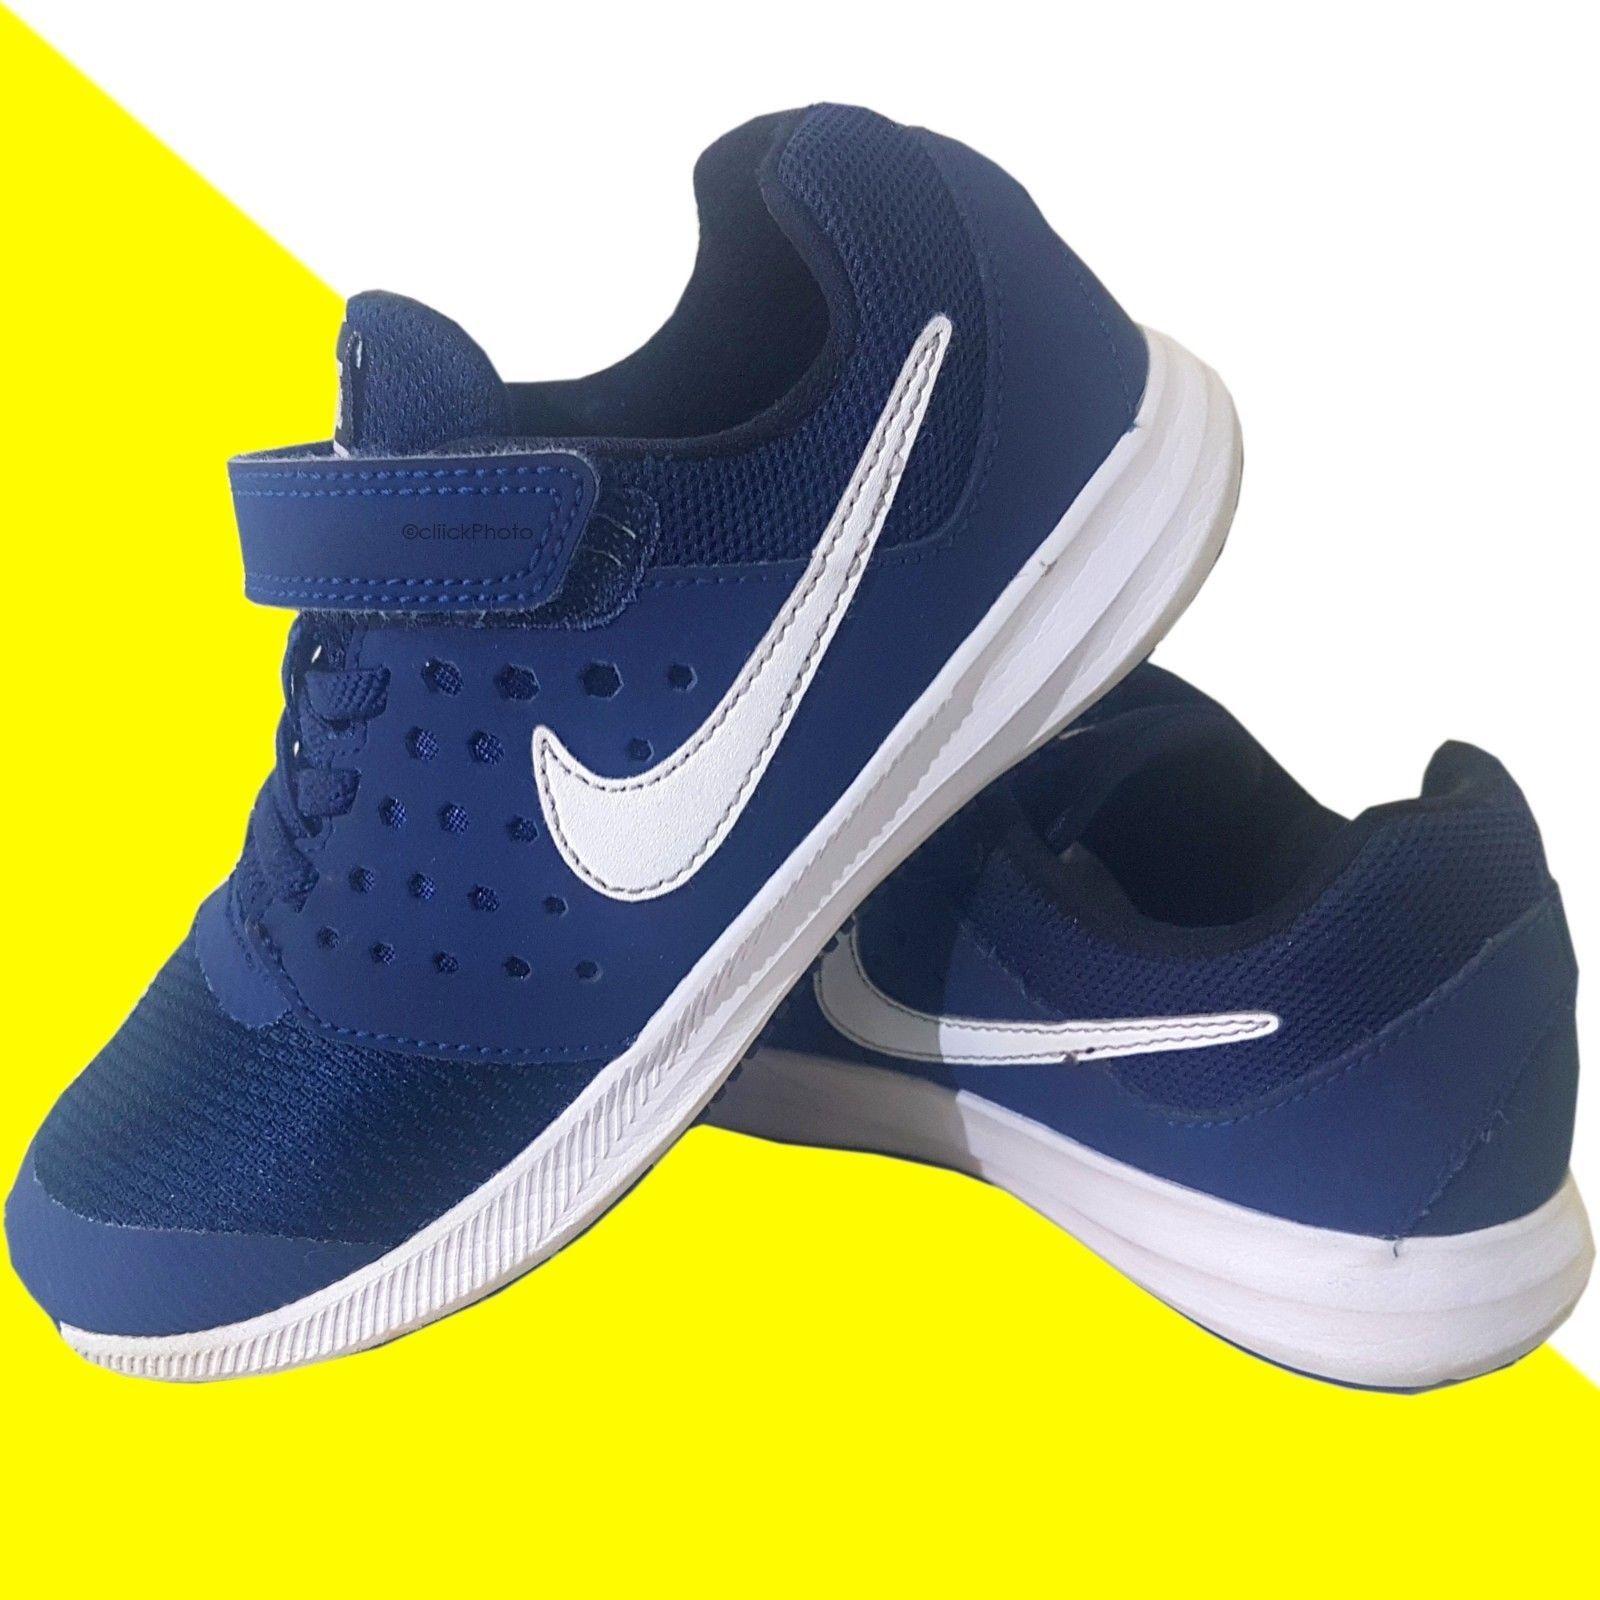 scarpe nike bambino 32